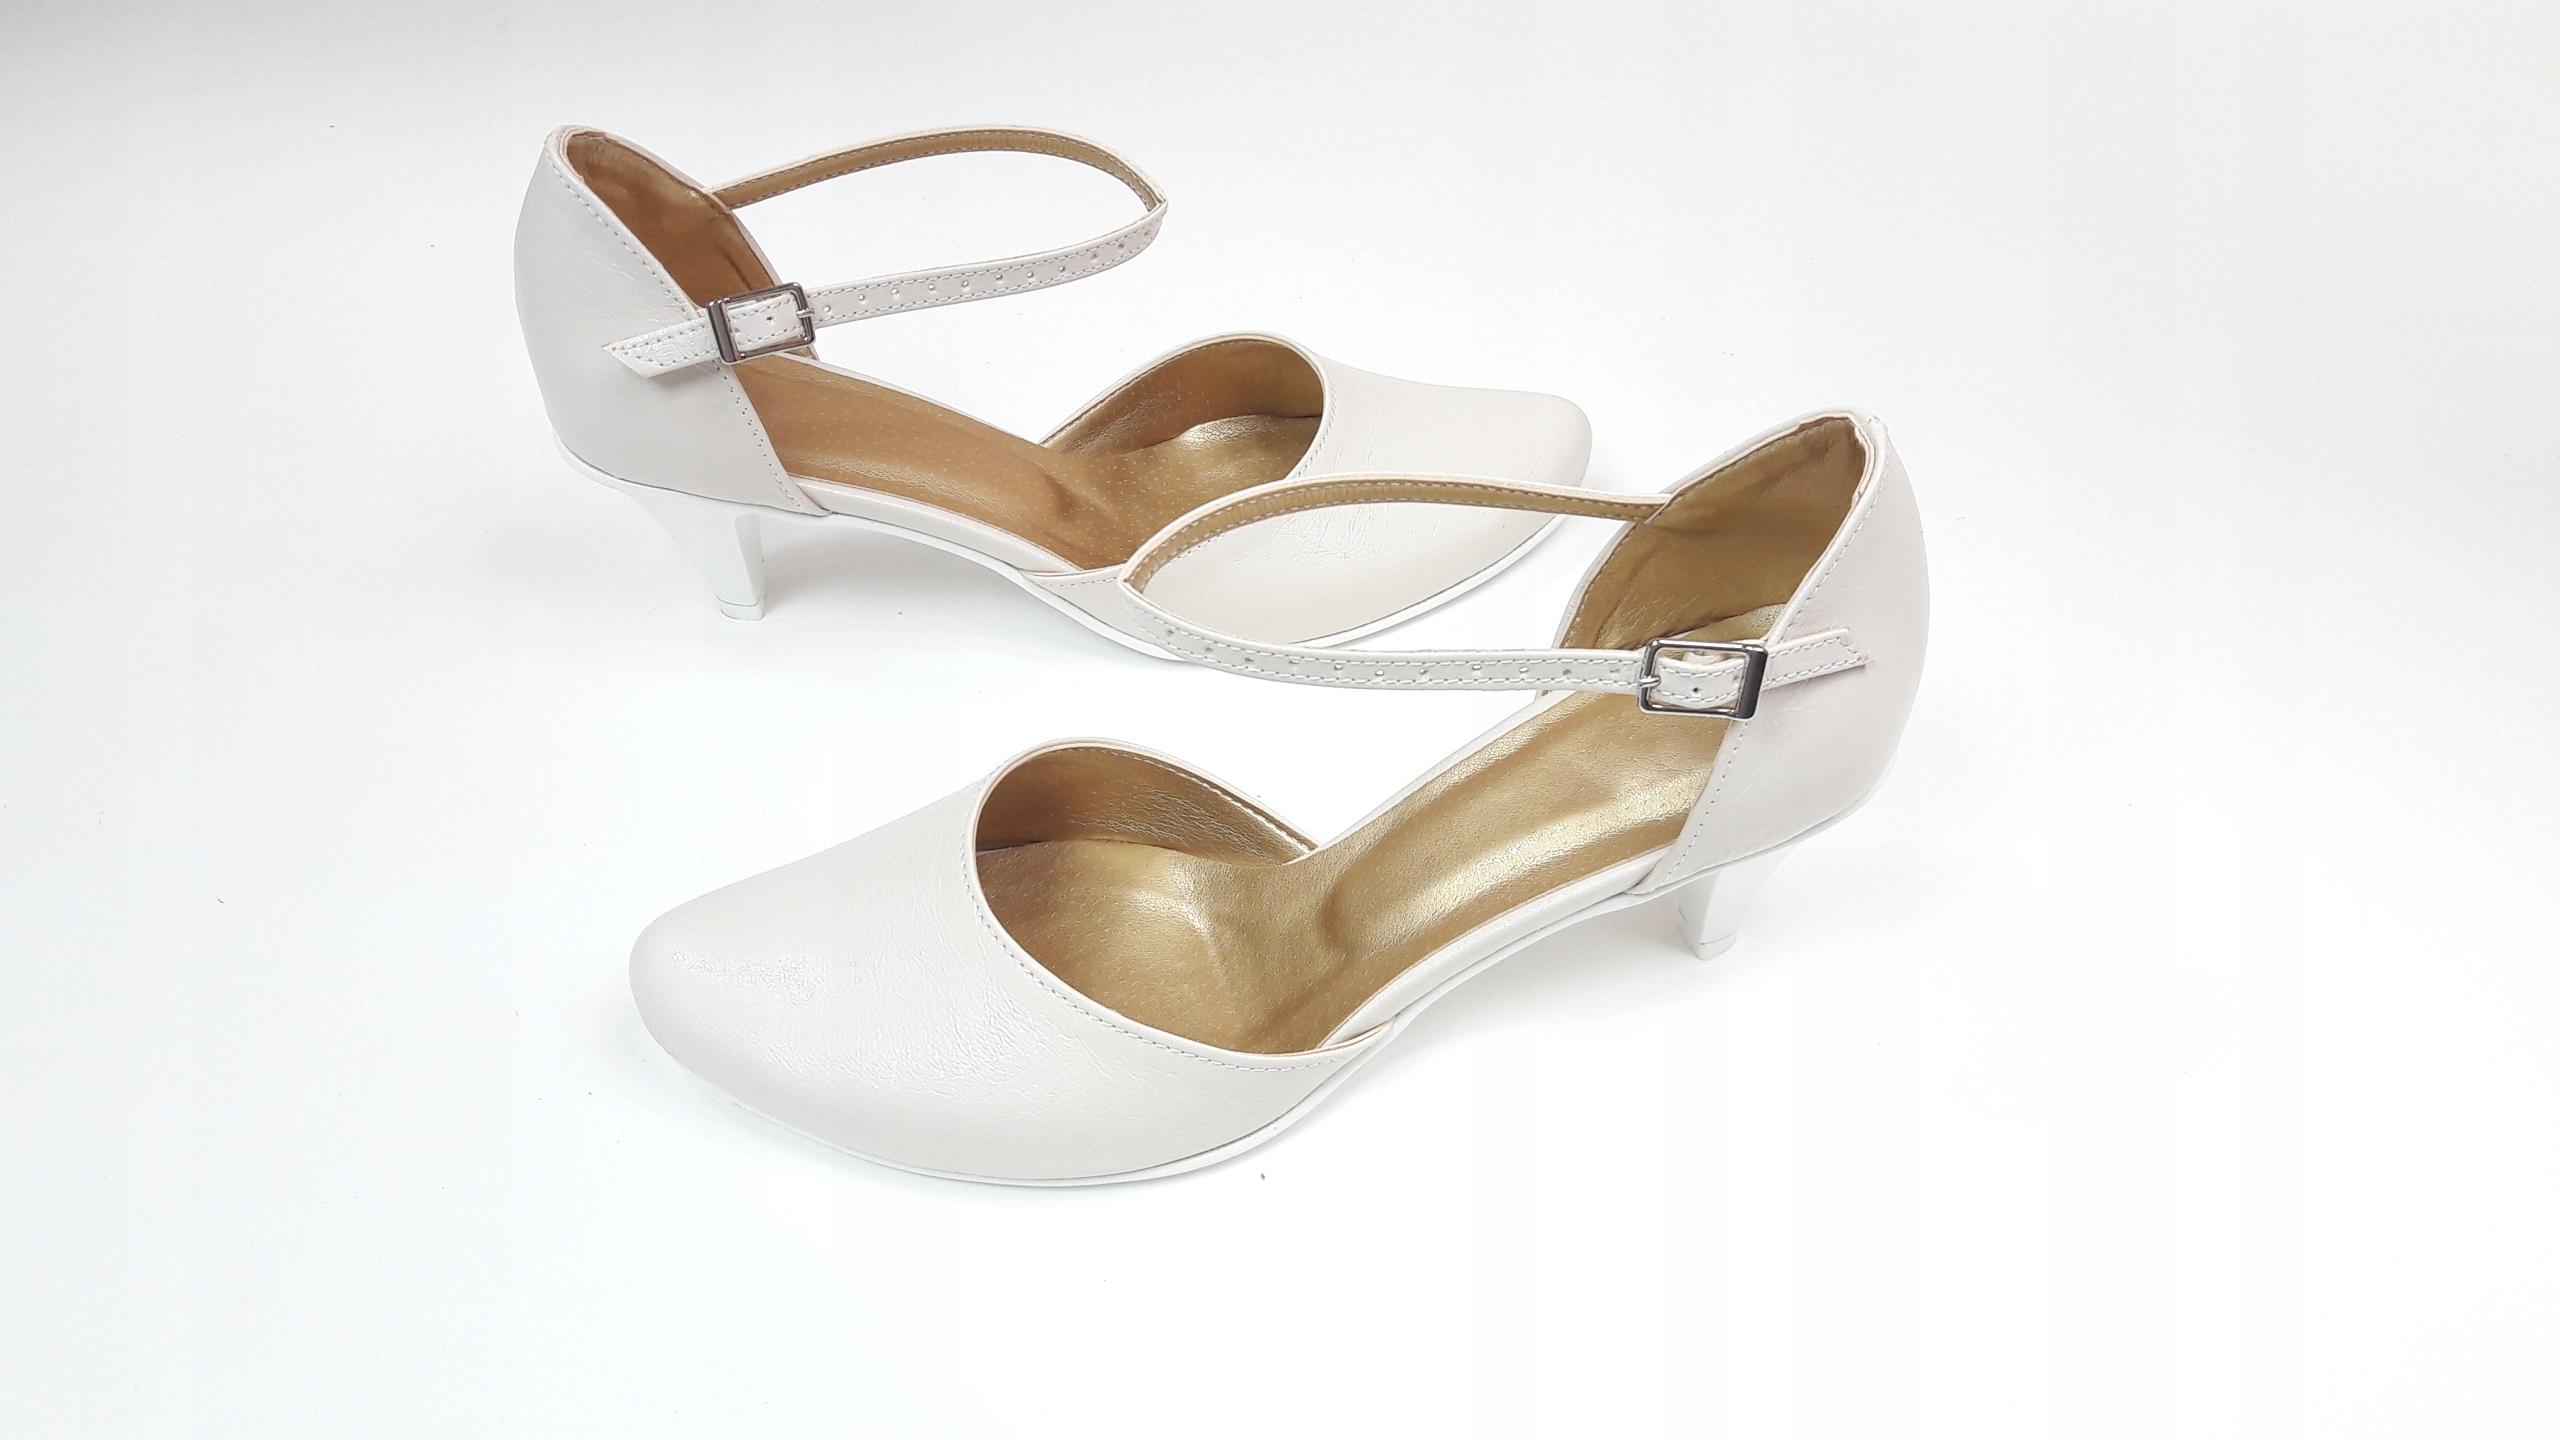 a3fa145a buty damskie obuwie ślubne śmietanka 38 CASANI 6944230941 - Allegro.pl